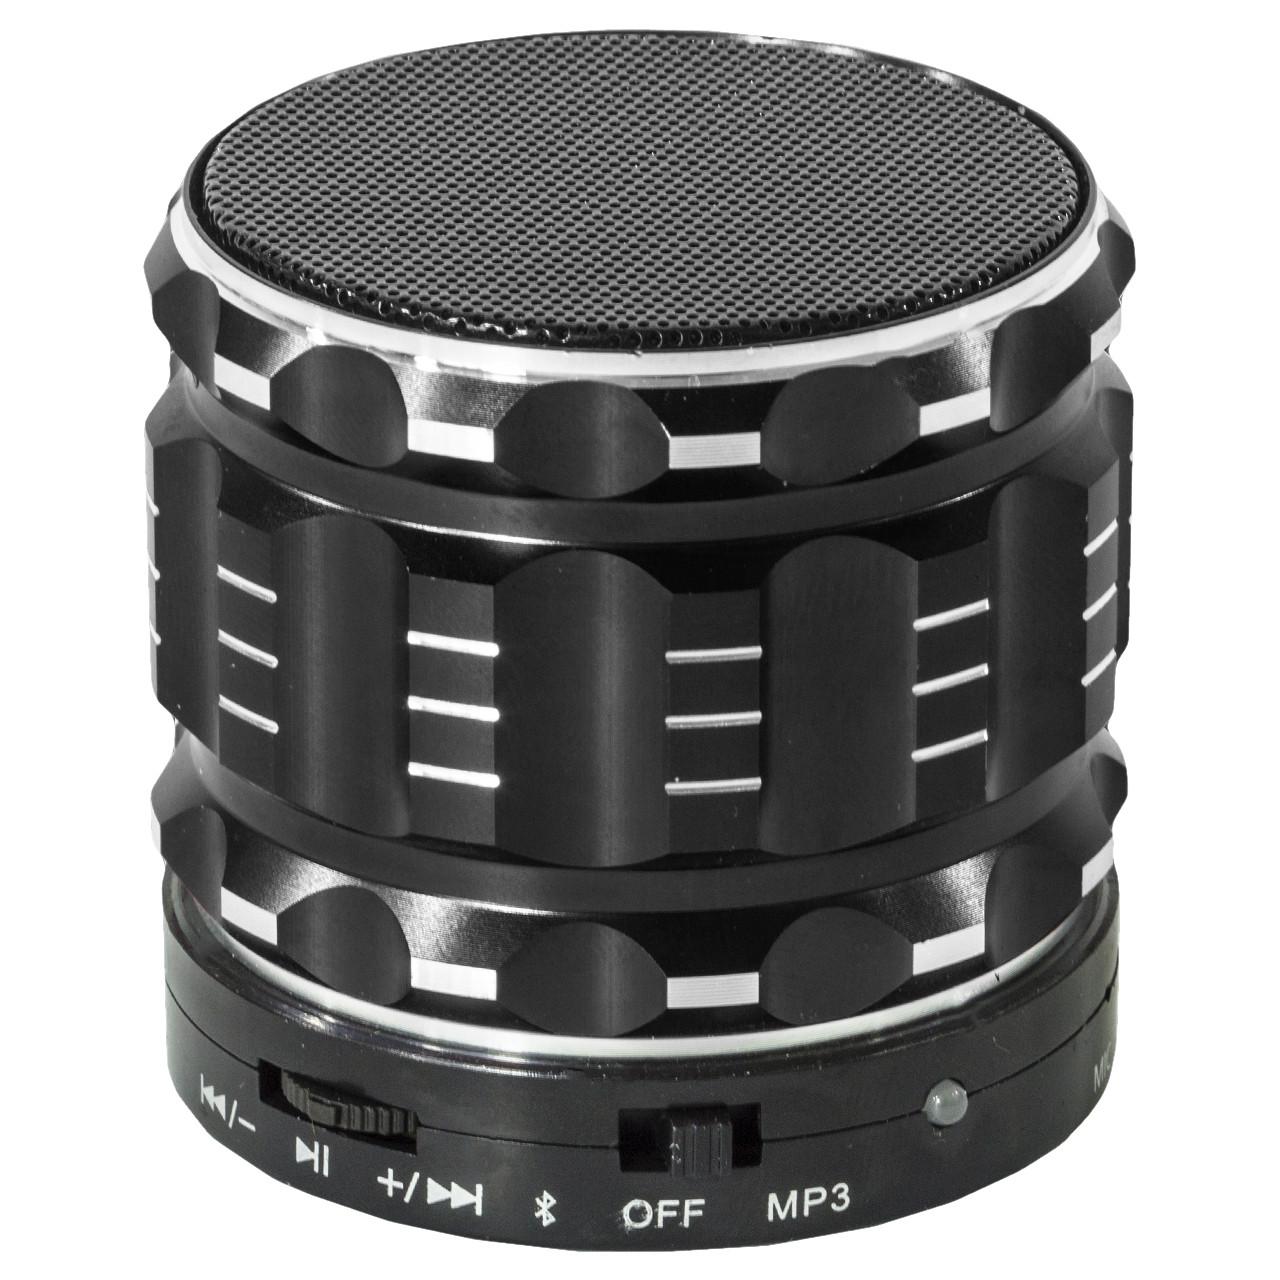 Колонка BL Lesko S-28 черная с функцией Bluetooth-спикера поддержка карты памяти в металлическом корпусе mp3